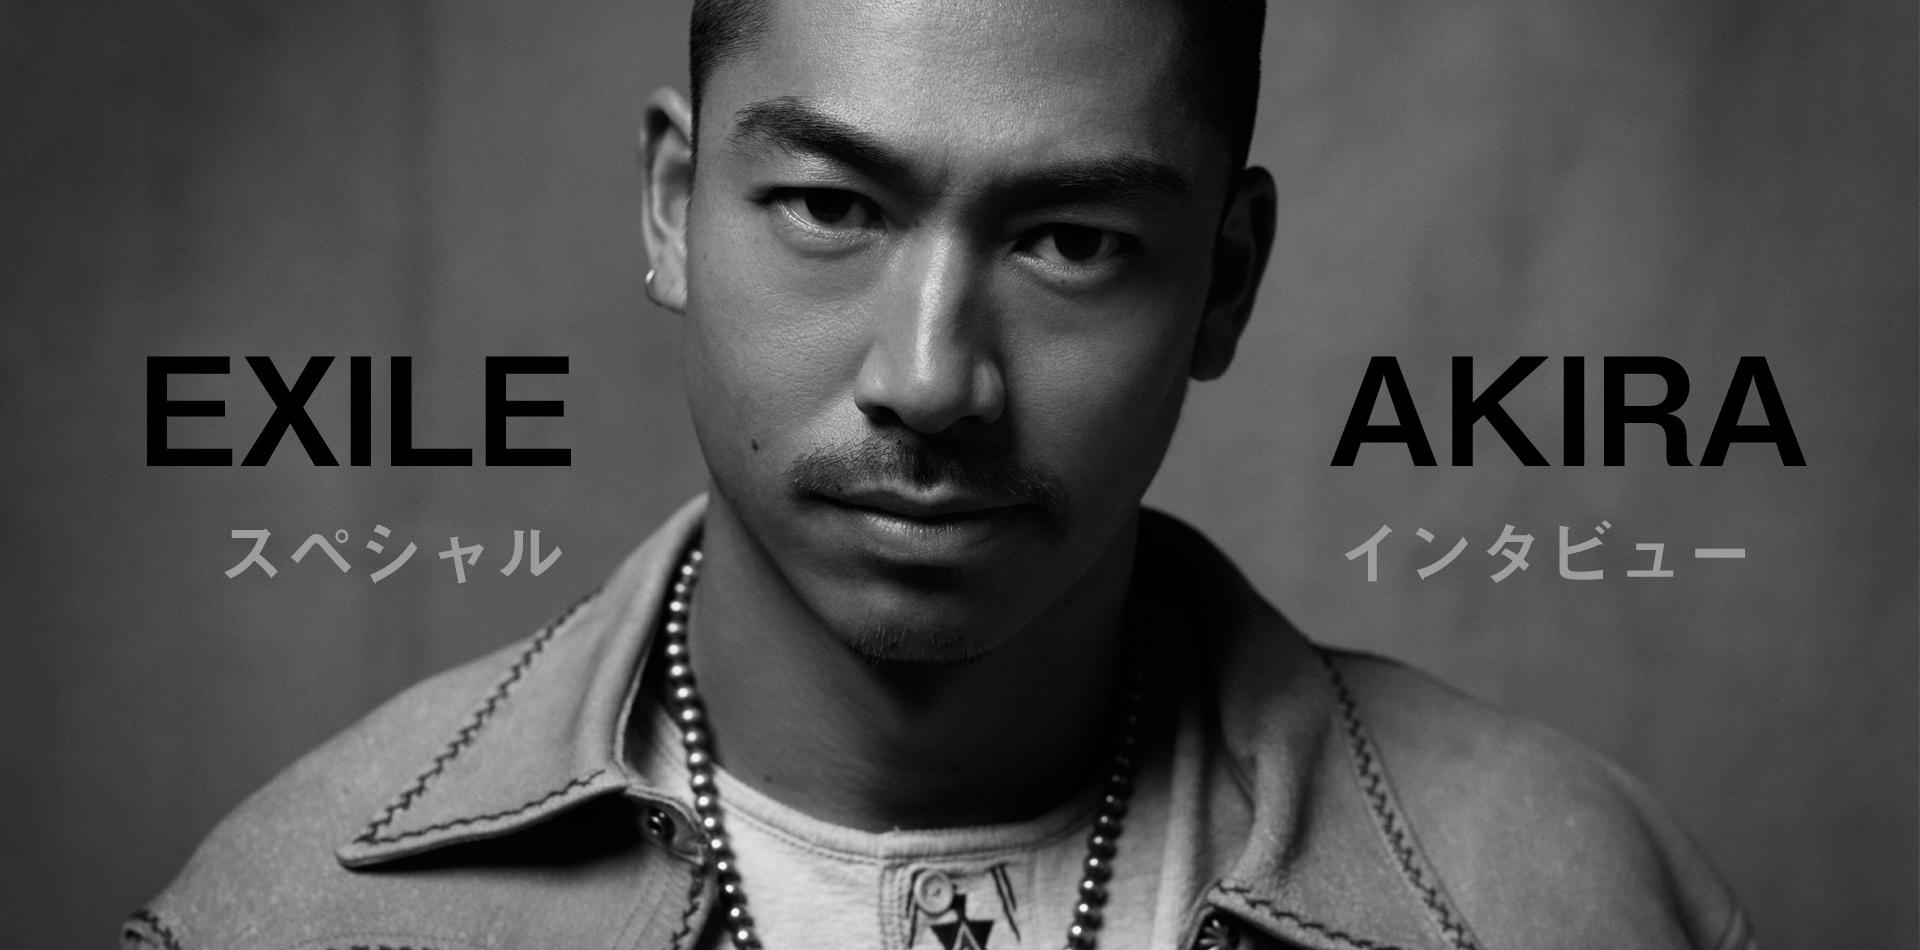 話題の人物に直撃! EXILE AKIRA スペシャルインタビュー